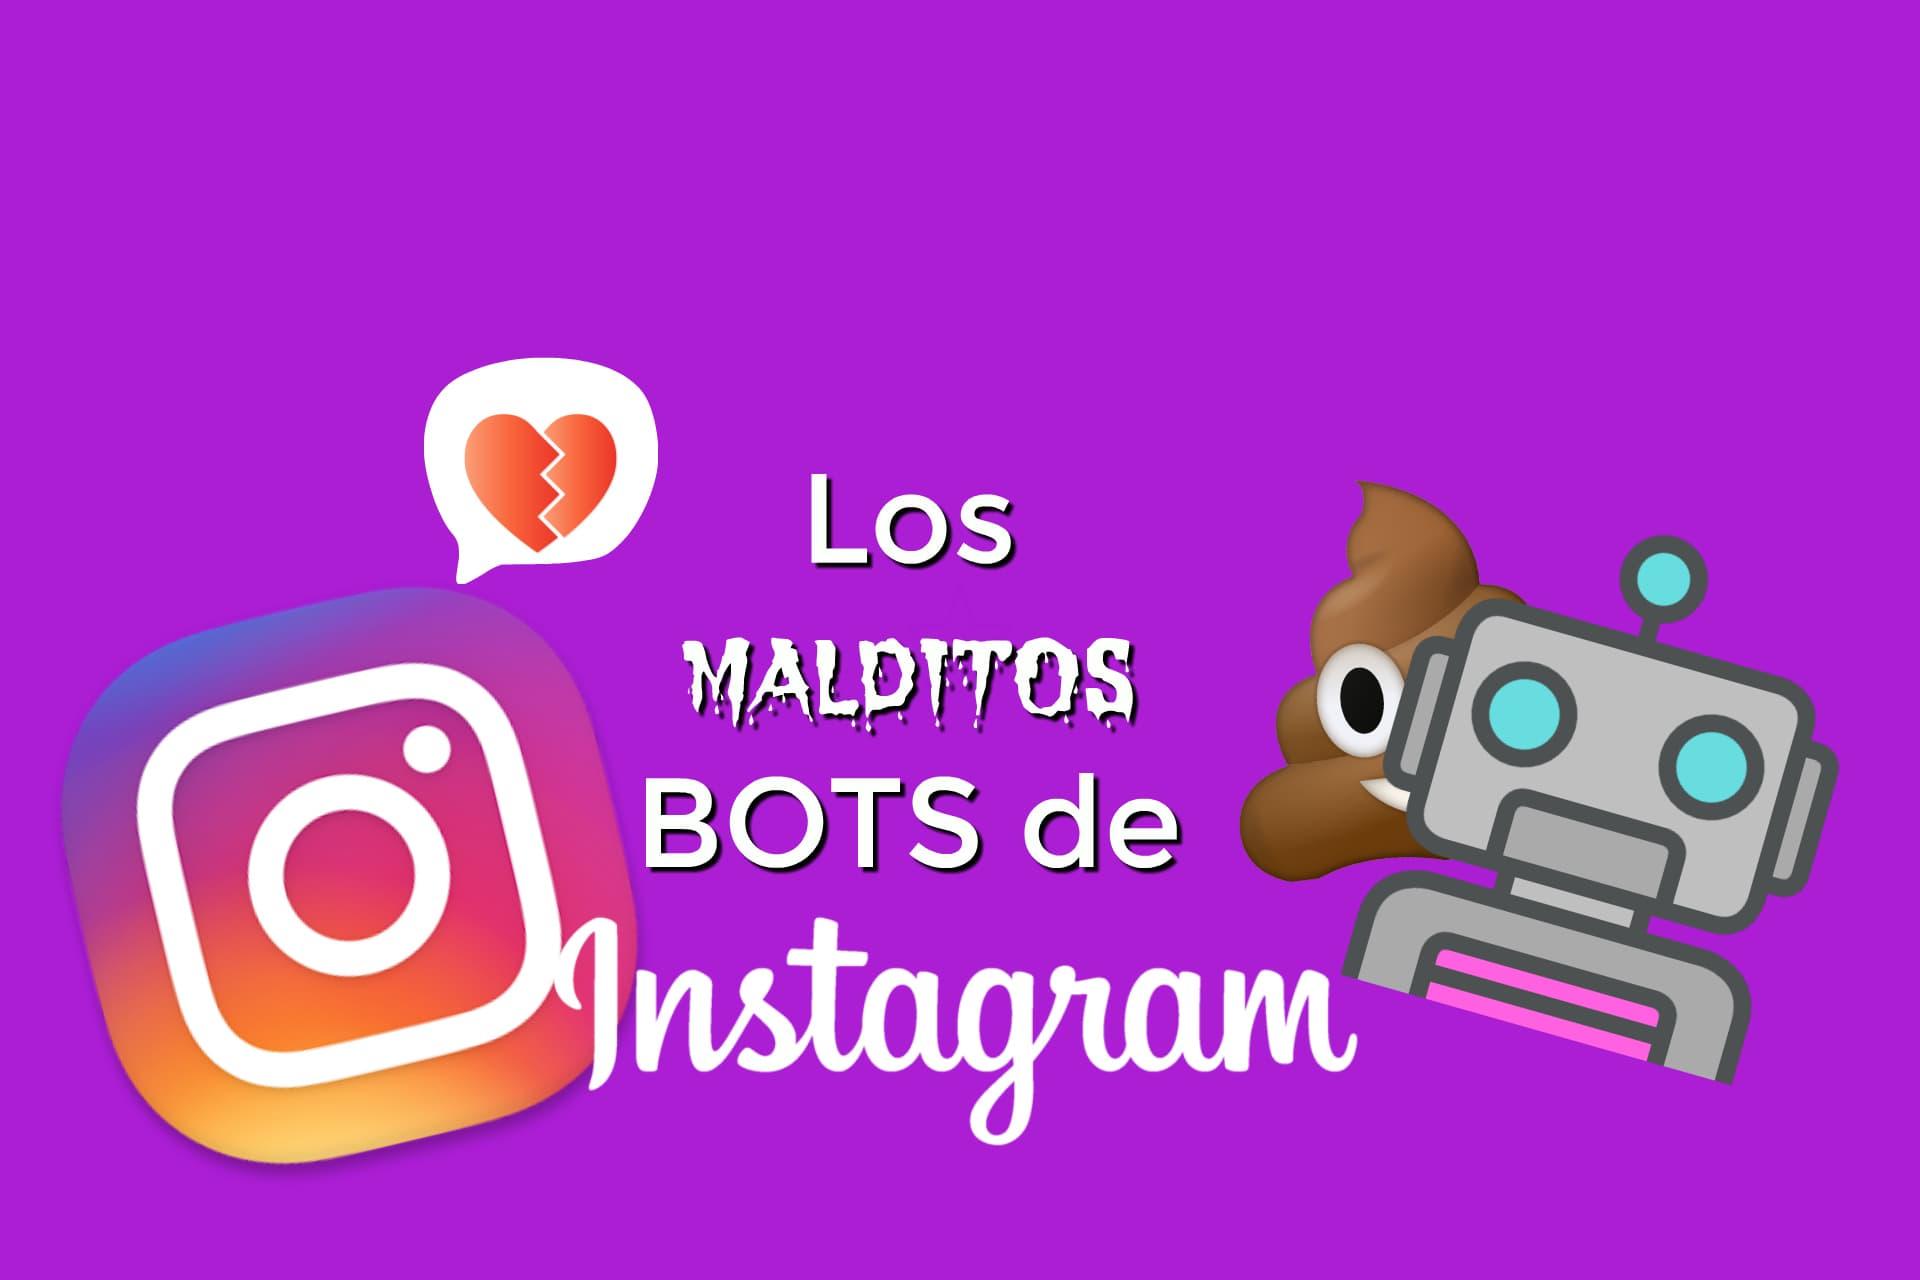 Los bots de Instagram: qué son, para qué se usan y consecuencias